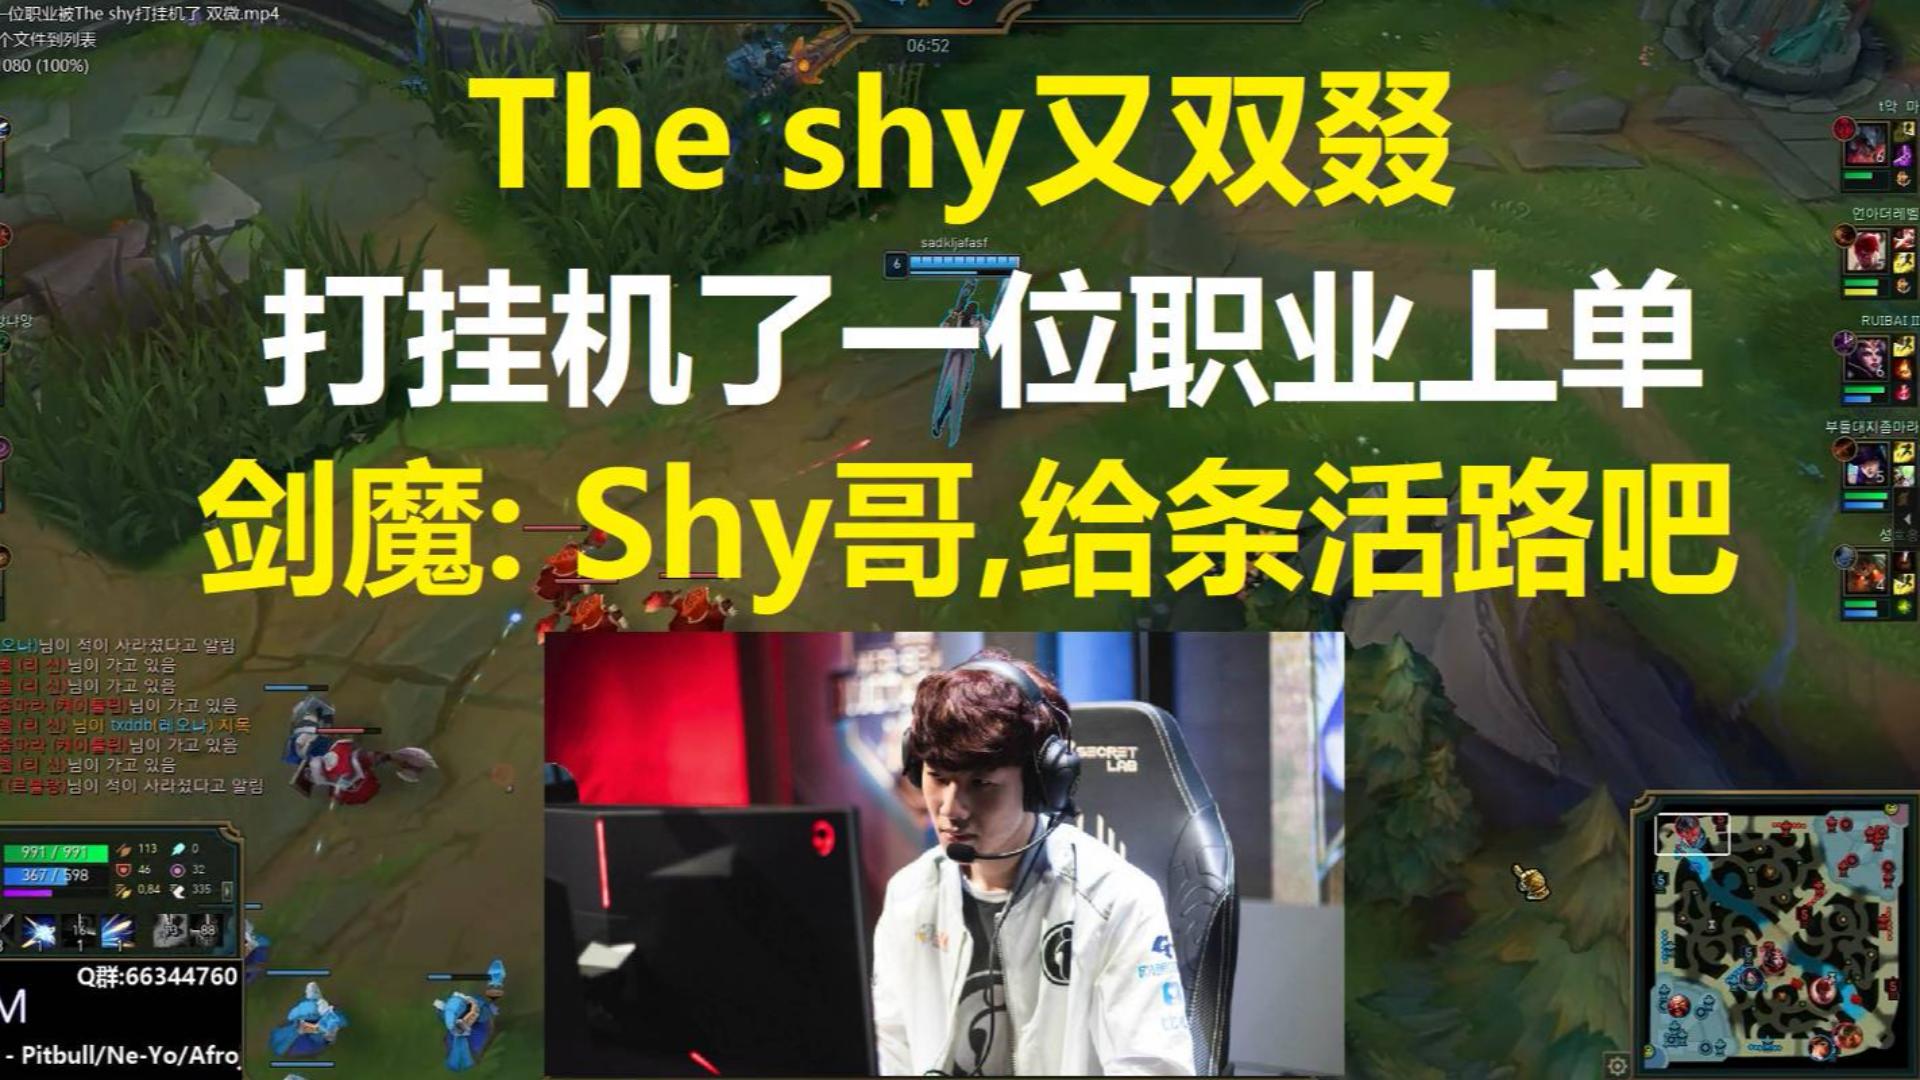 The shy又双叕打挂机了一位职业上单,剑魔: Shy哥,我也是职业啊,给条活路!